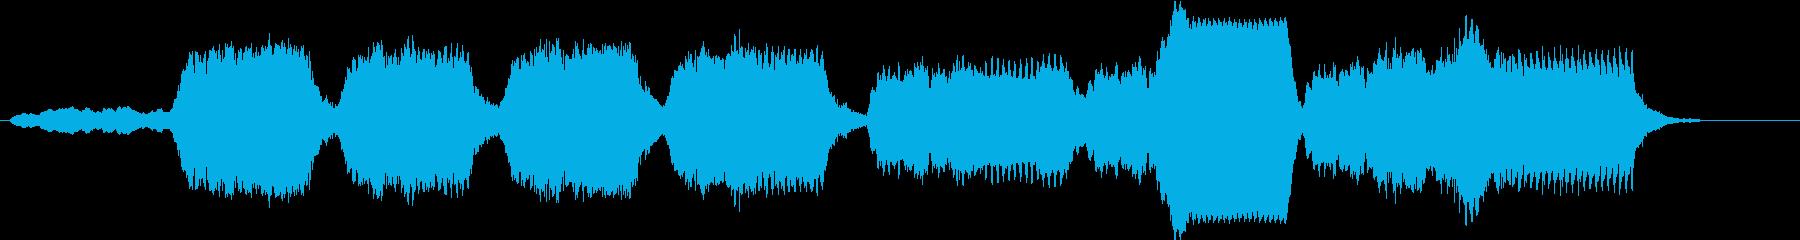 暗い森に迷い込んだようなチェロ曲の再生済みの波形